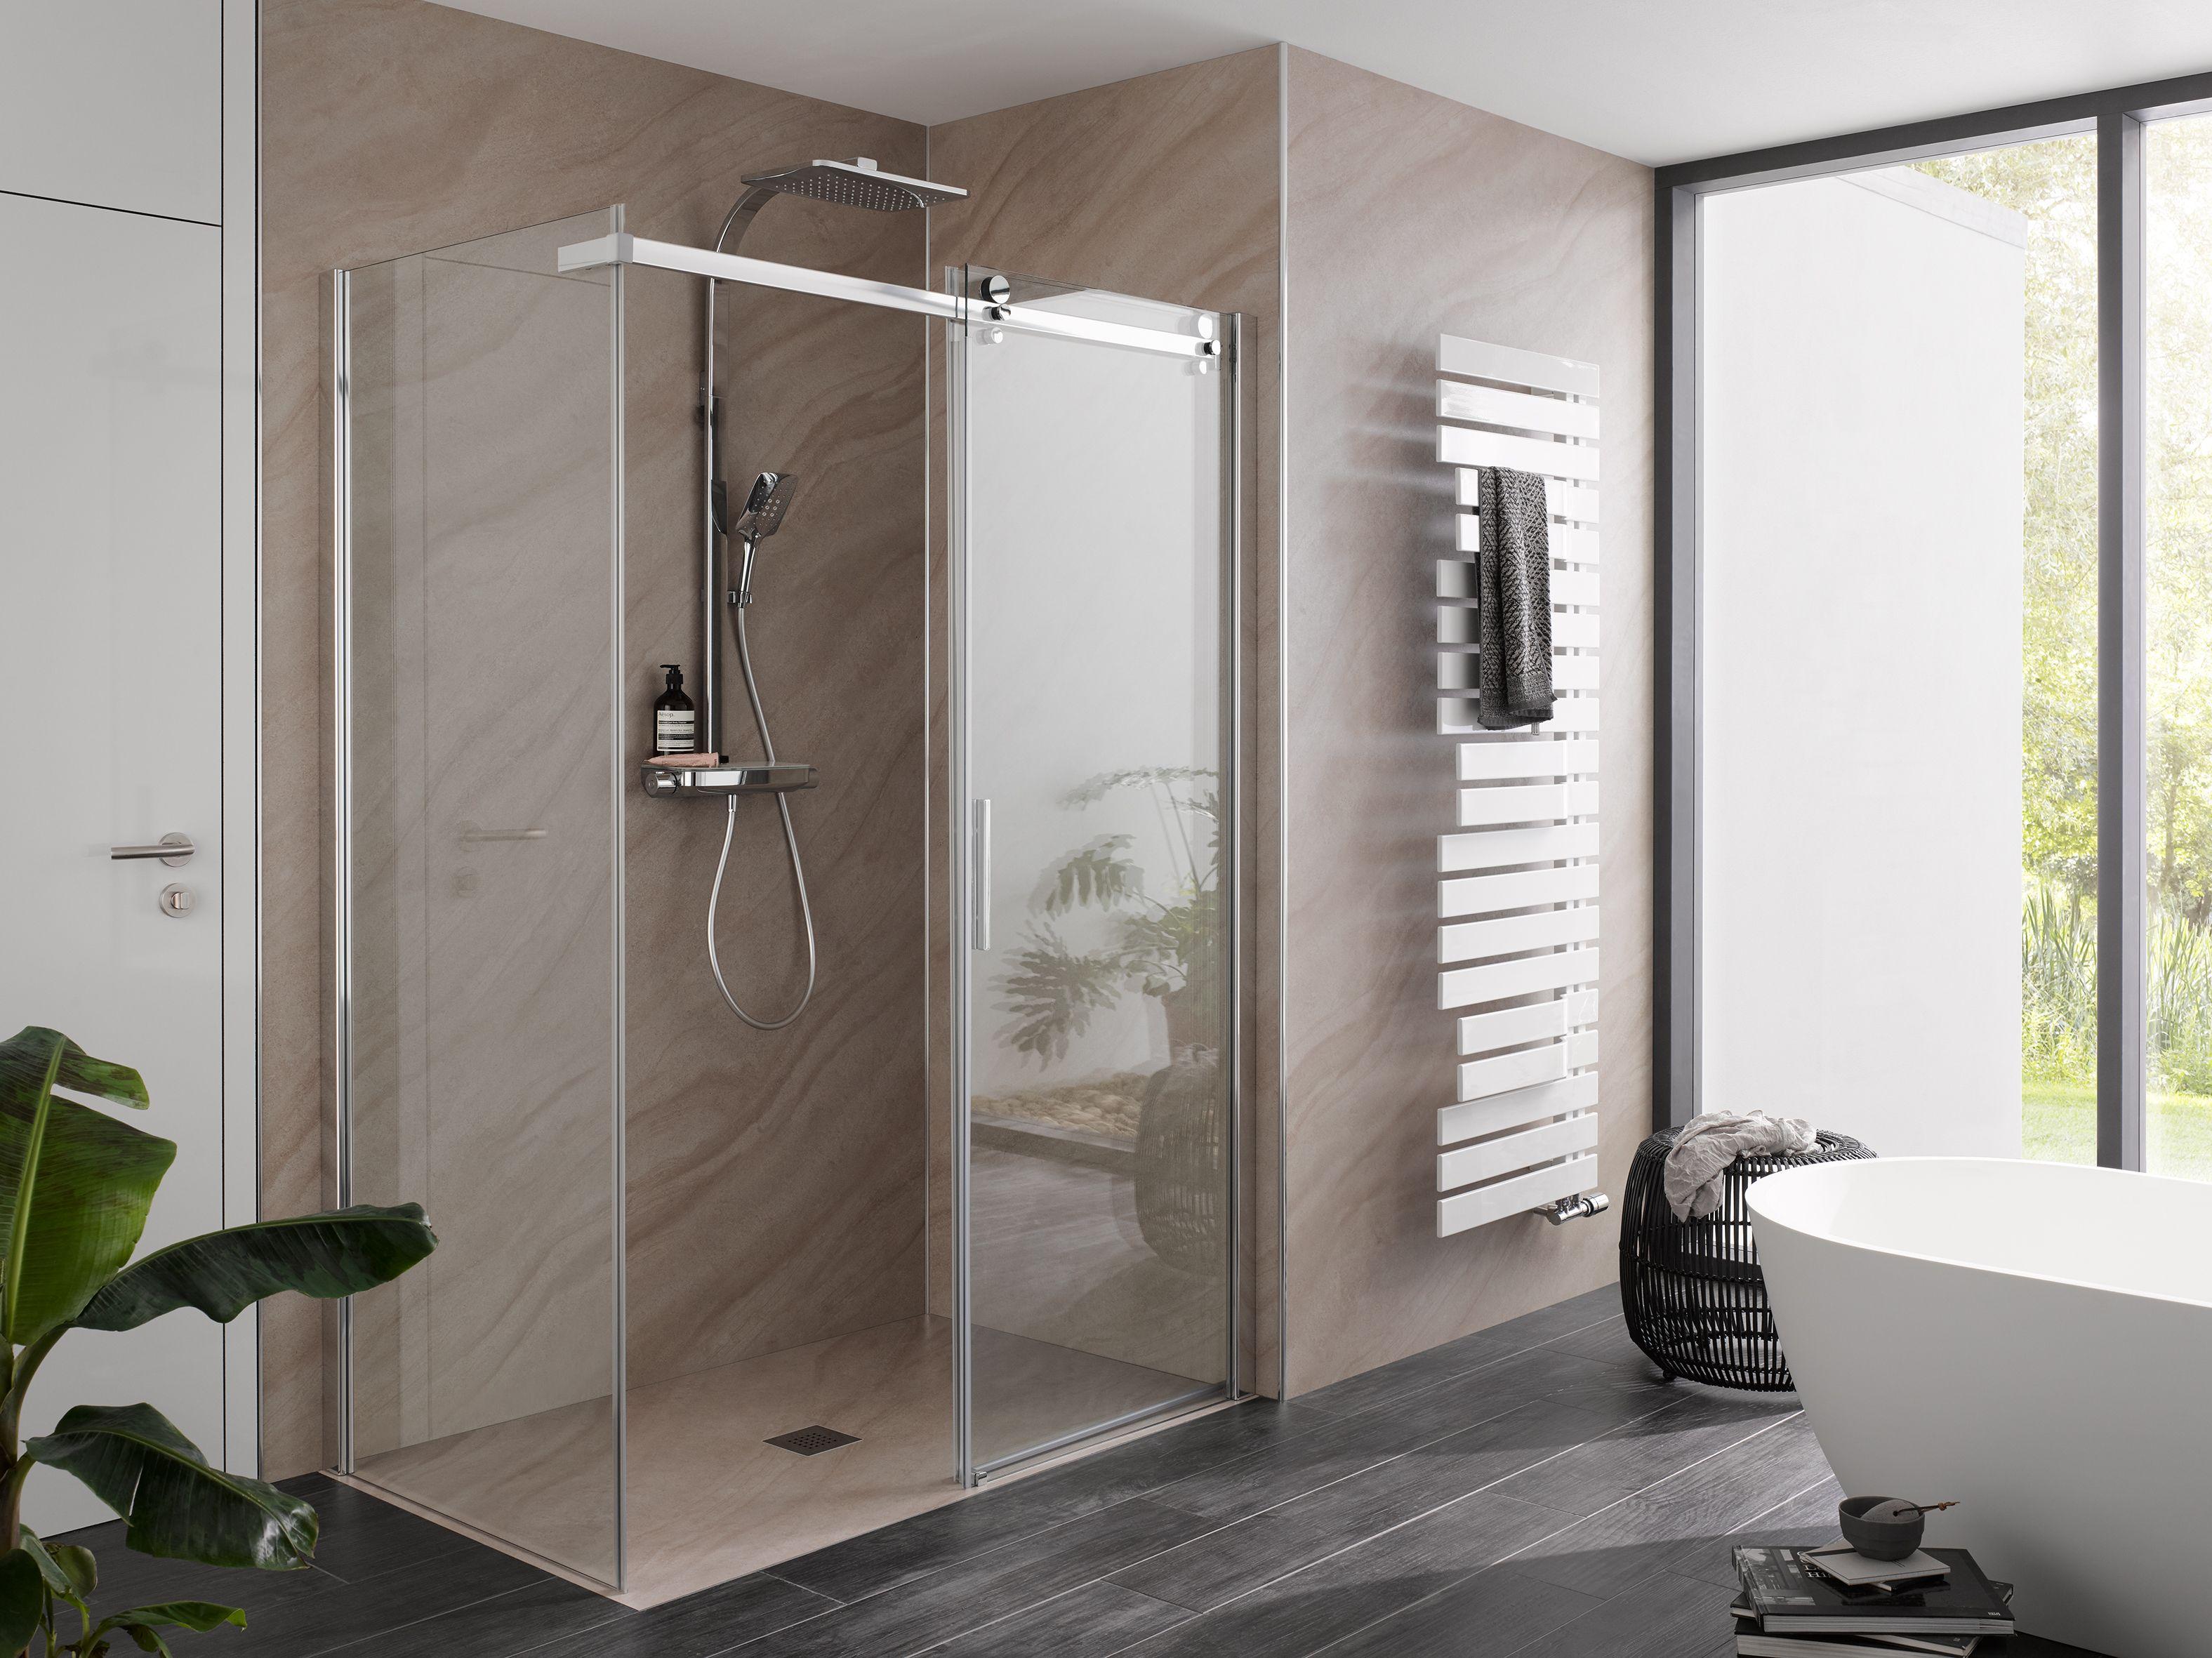 Hsk Premium Softcube Schiebeturen Fur Kleine Bader Dusche Schiebetur Bad Inspiration Badezimmer